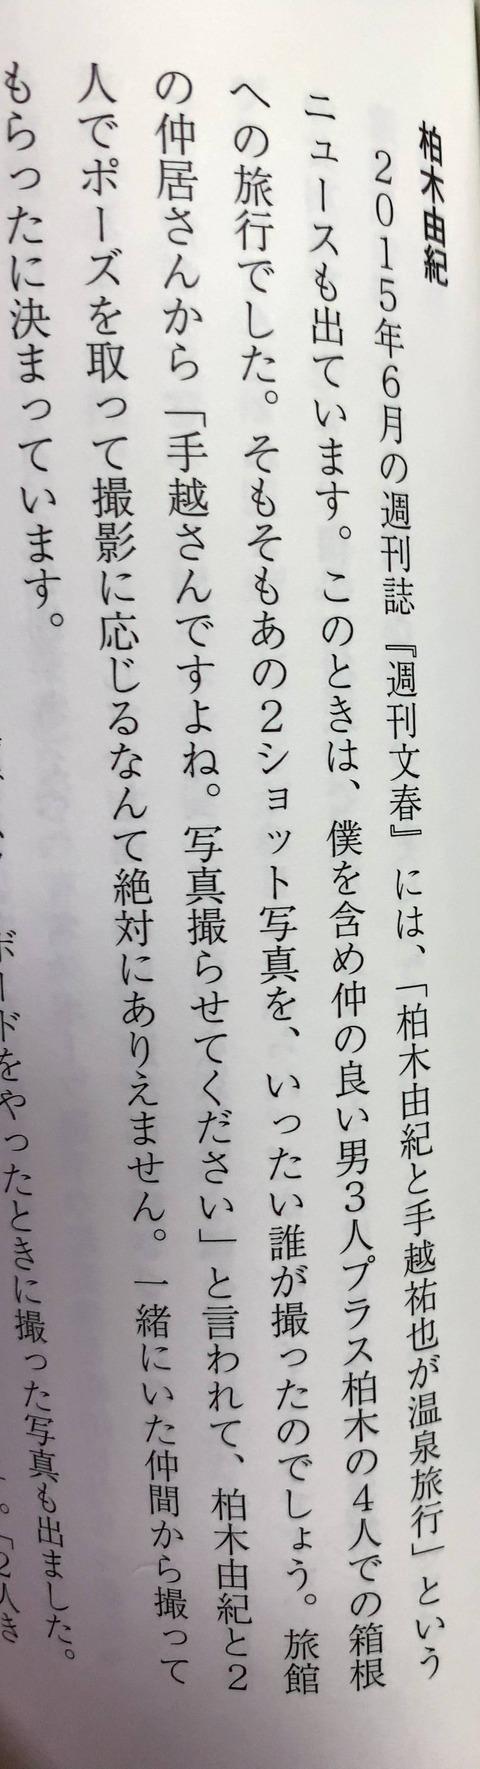 【悲報】ゆきりん、手越にトドメを刺されるwww手越「箱根の写真は男3人と柏木の計4人で旅行に行ったときに撮った」